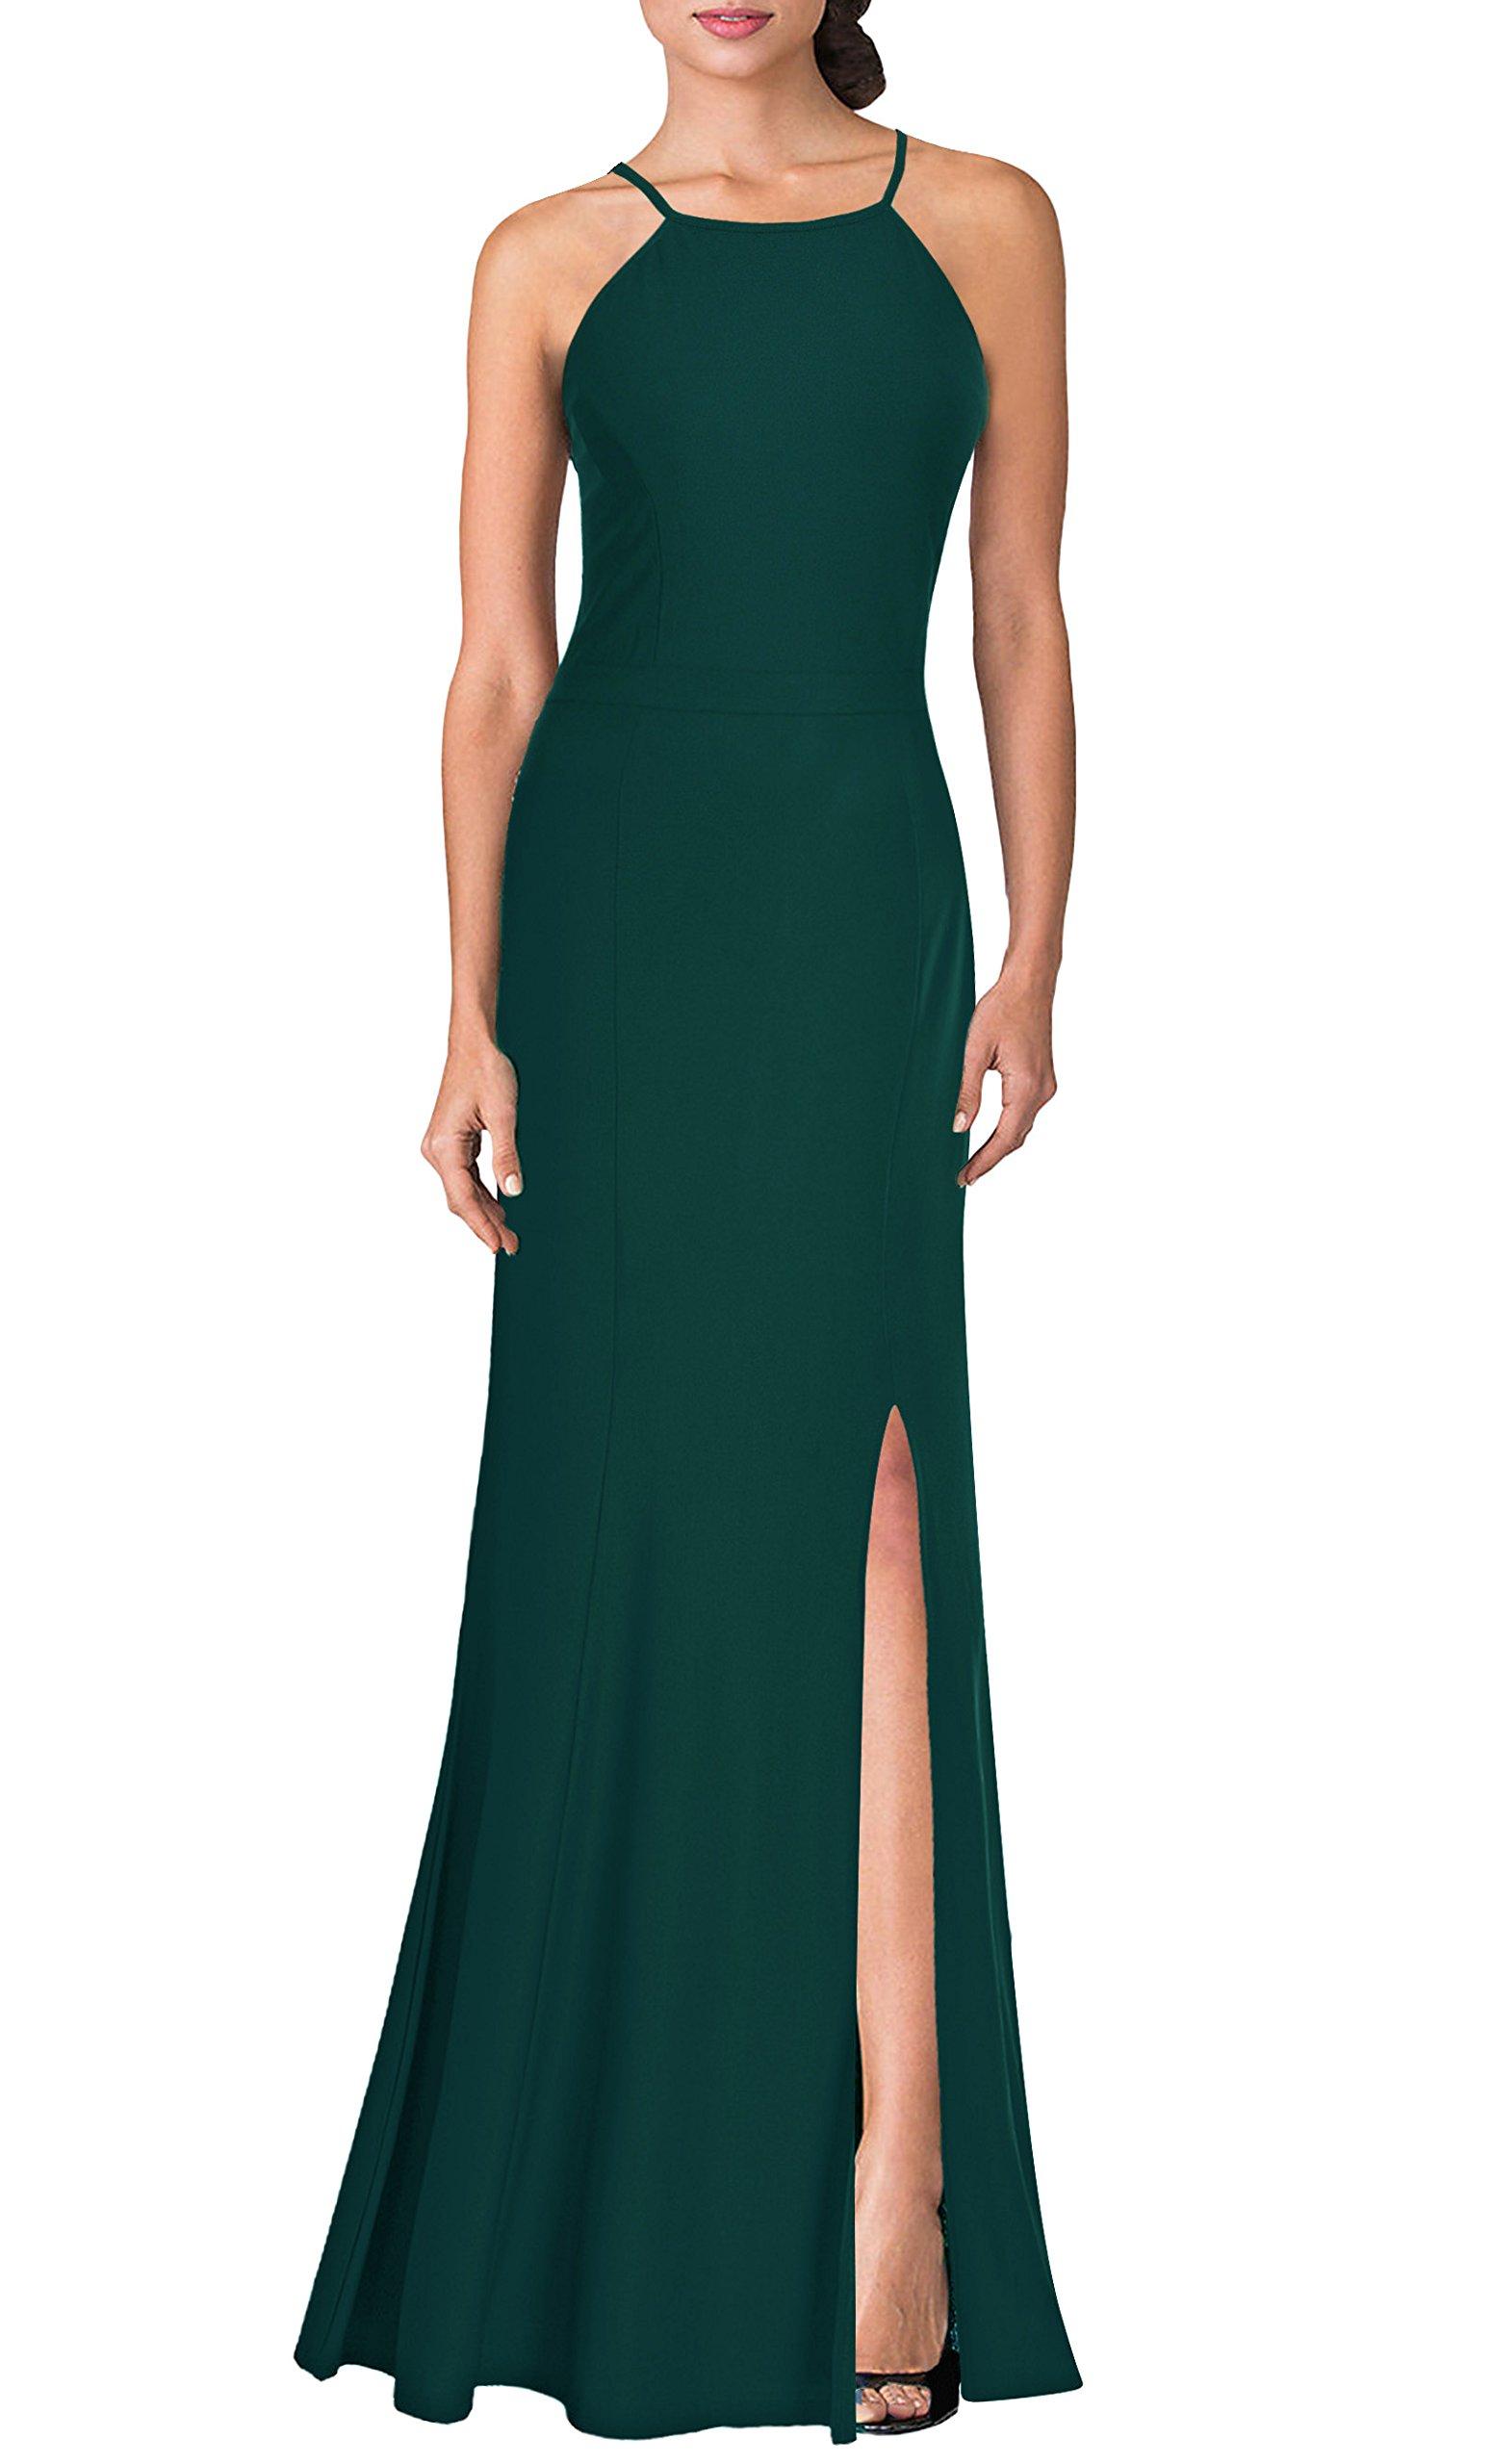 Mmondschein Women's Vintage Halter Wedding Bridesmaid Evening Long Dress M Green